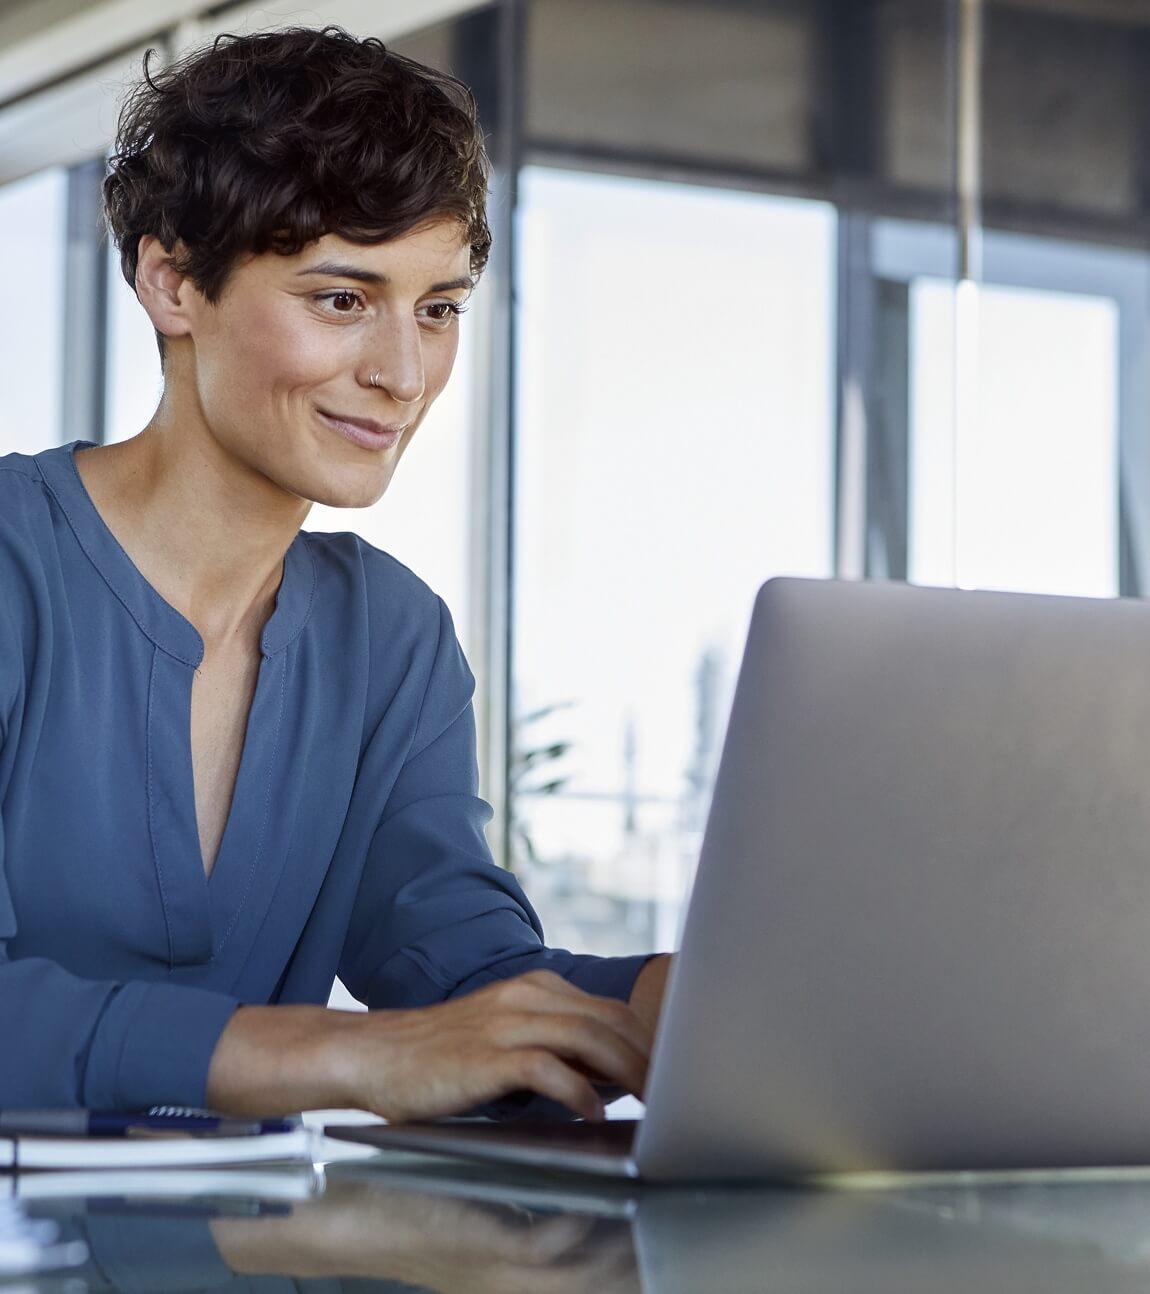 Frau arbeitet lächelnd am Rechner